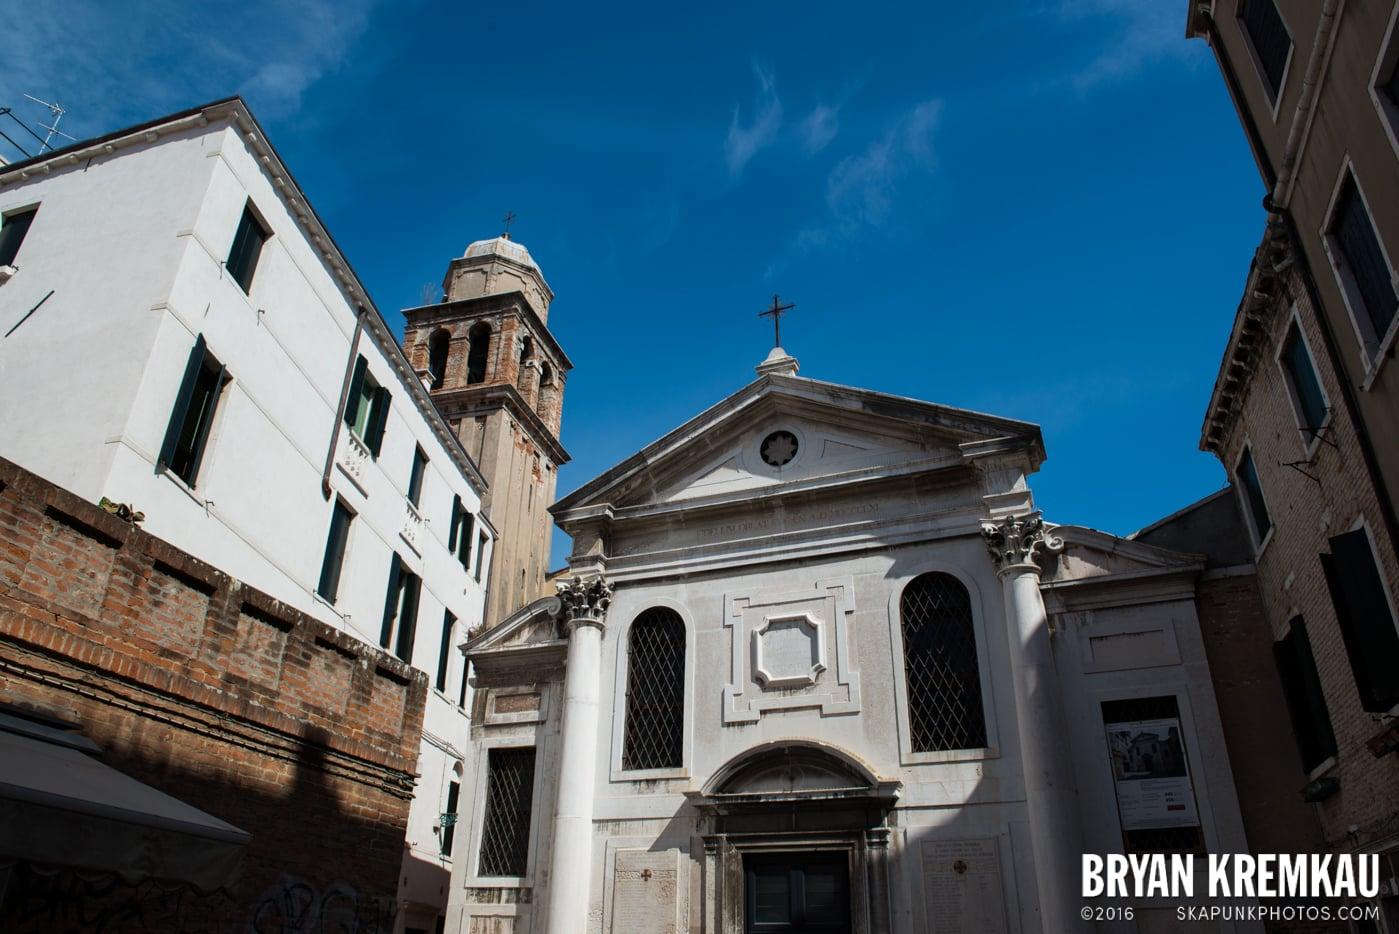 Italy Vacation - Day 5: Venice - 9.13.13 (52)